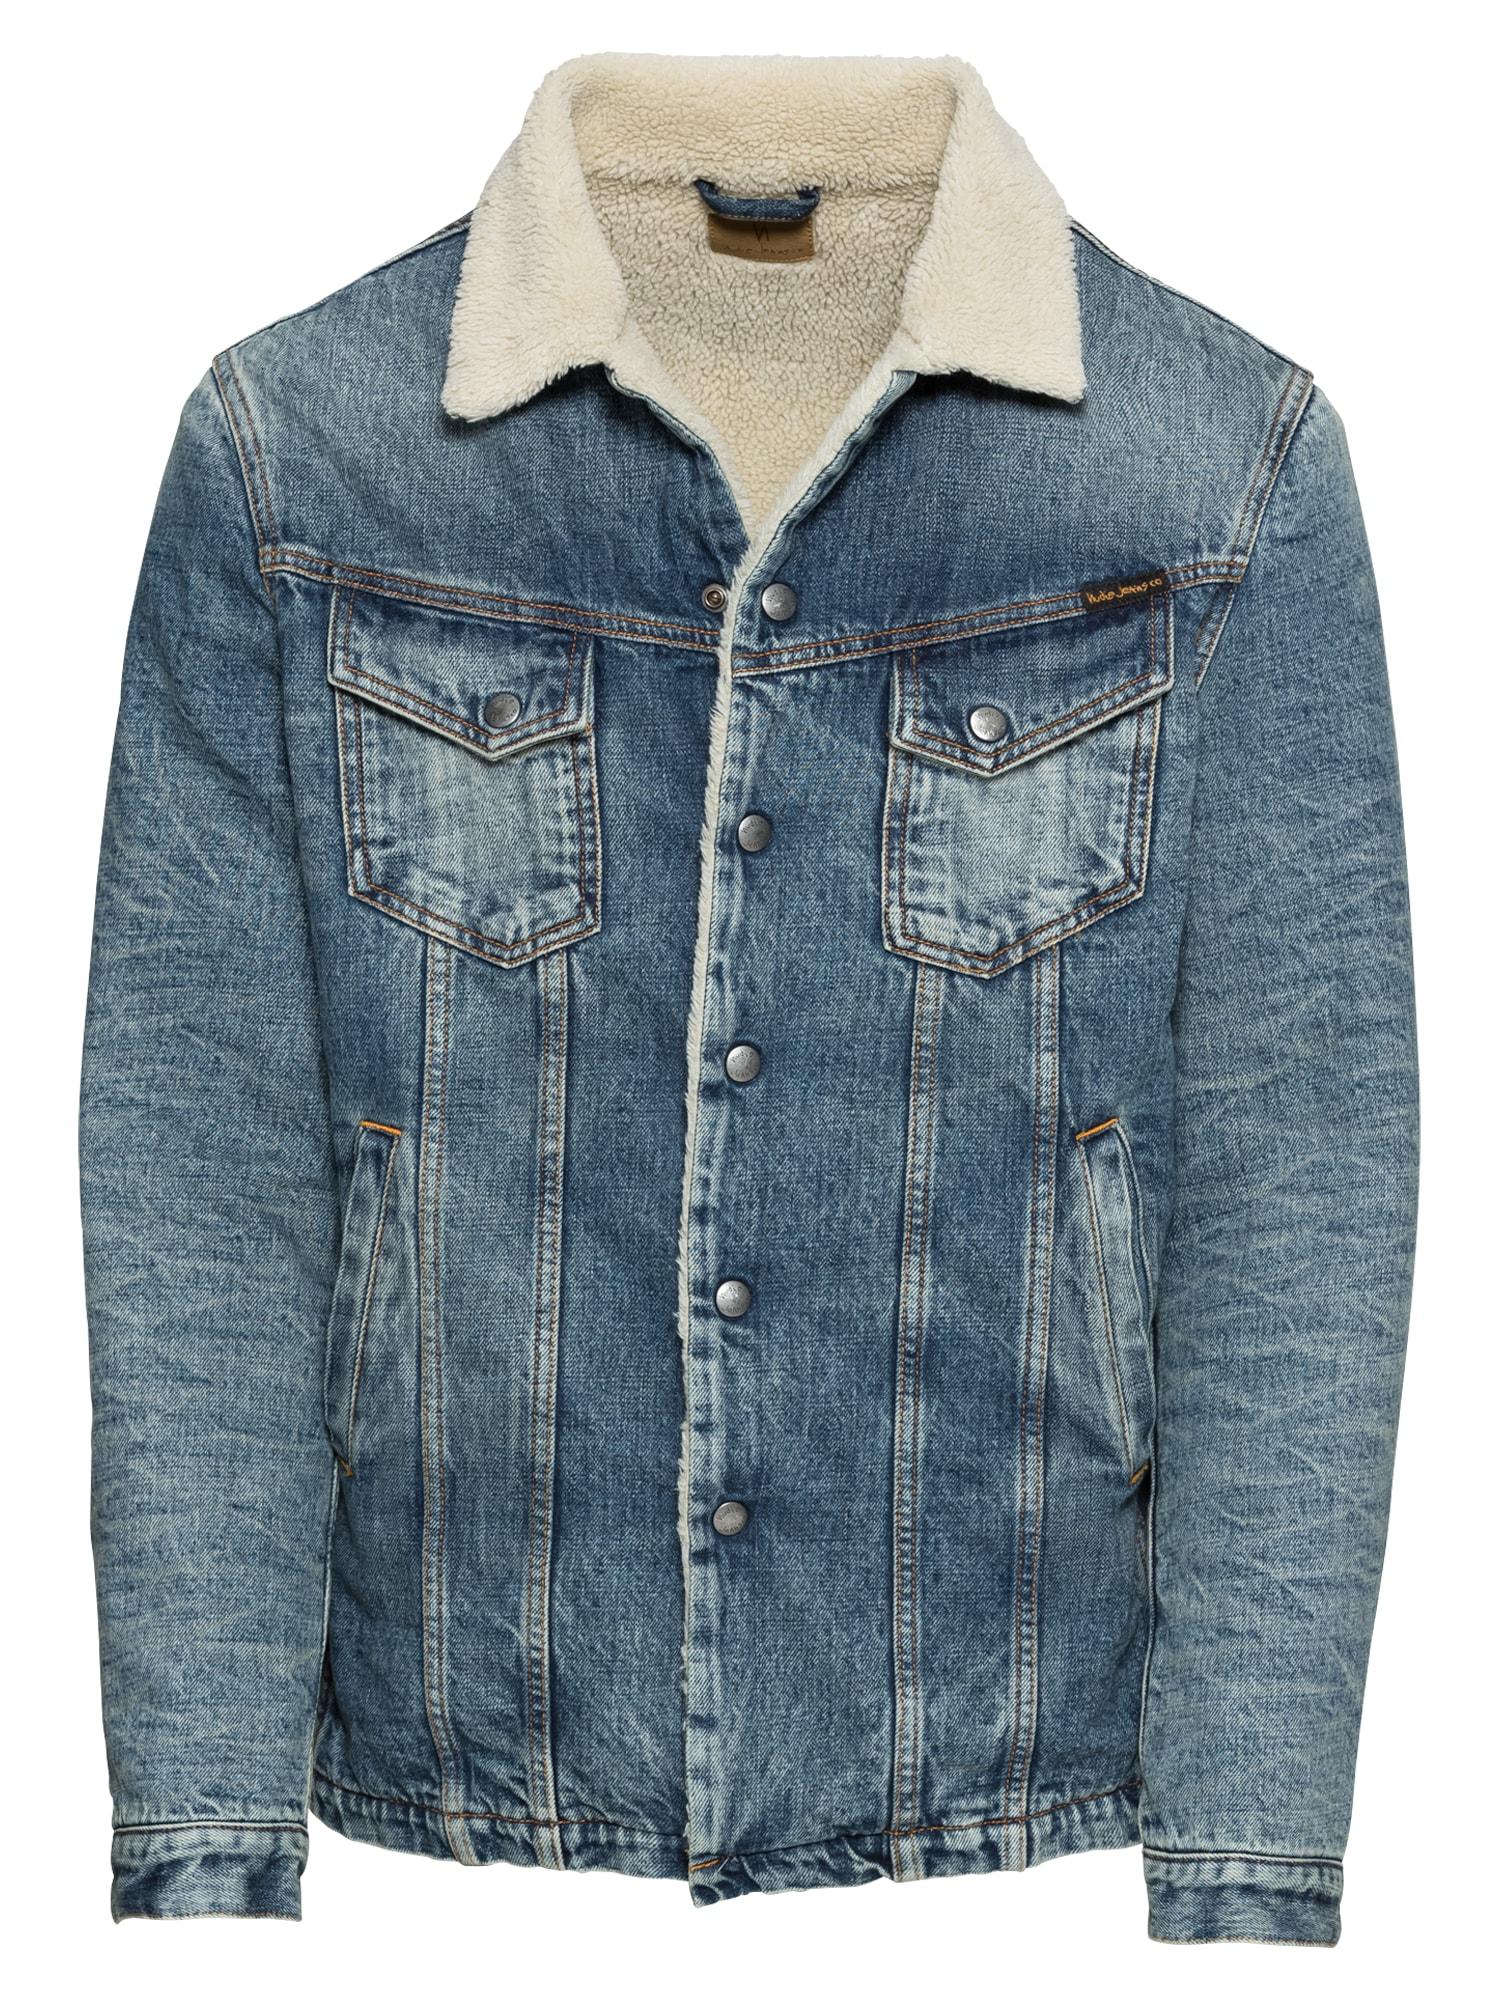 Přechodná bunda Lenny béžová modrá džínovina Nudie Jeans Co